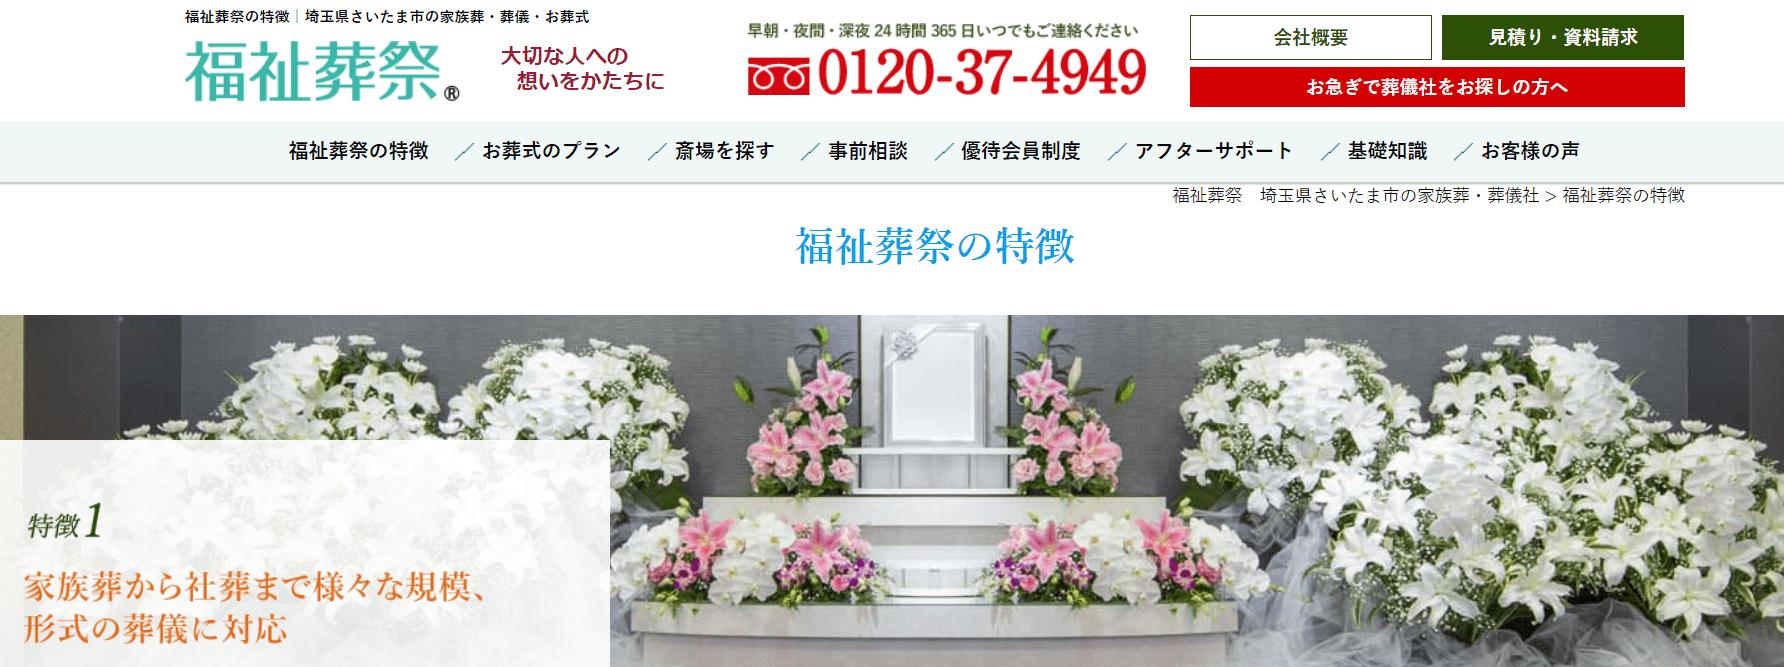 株式会社 福祉葬祭